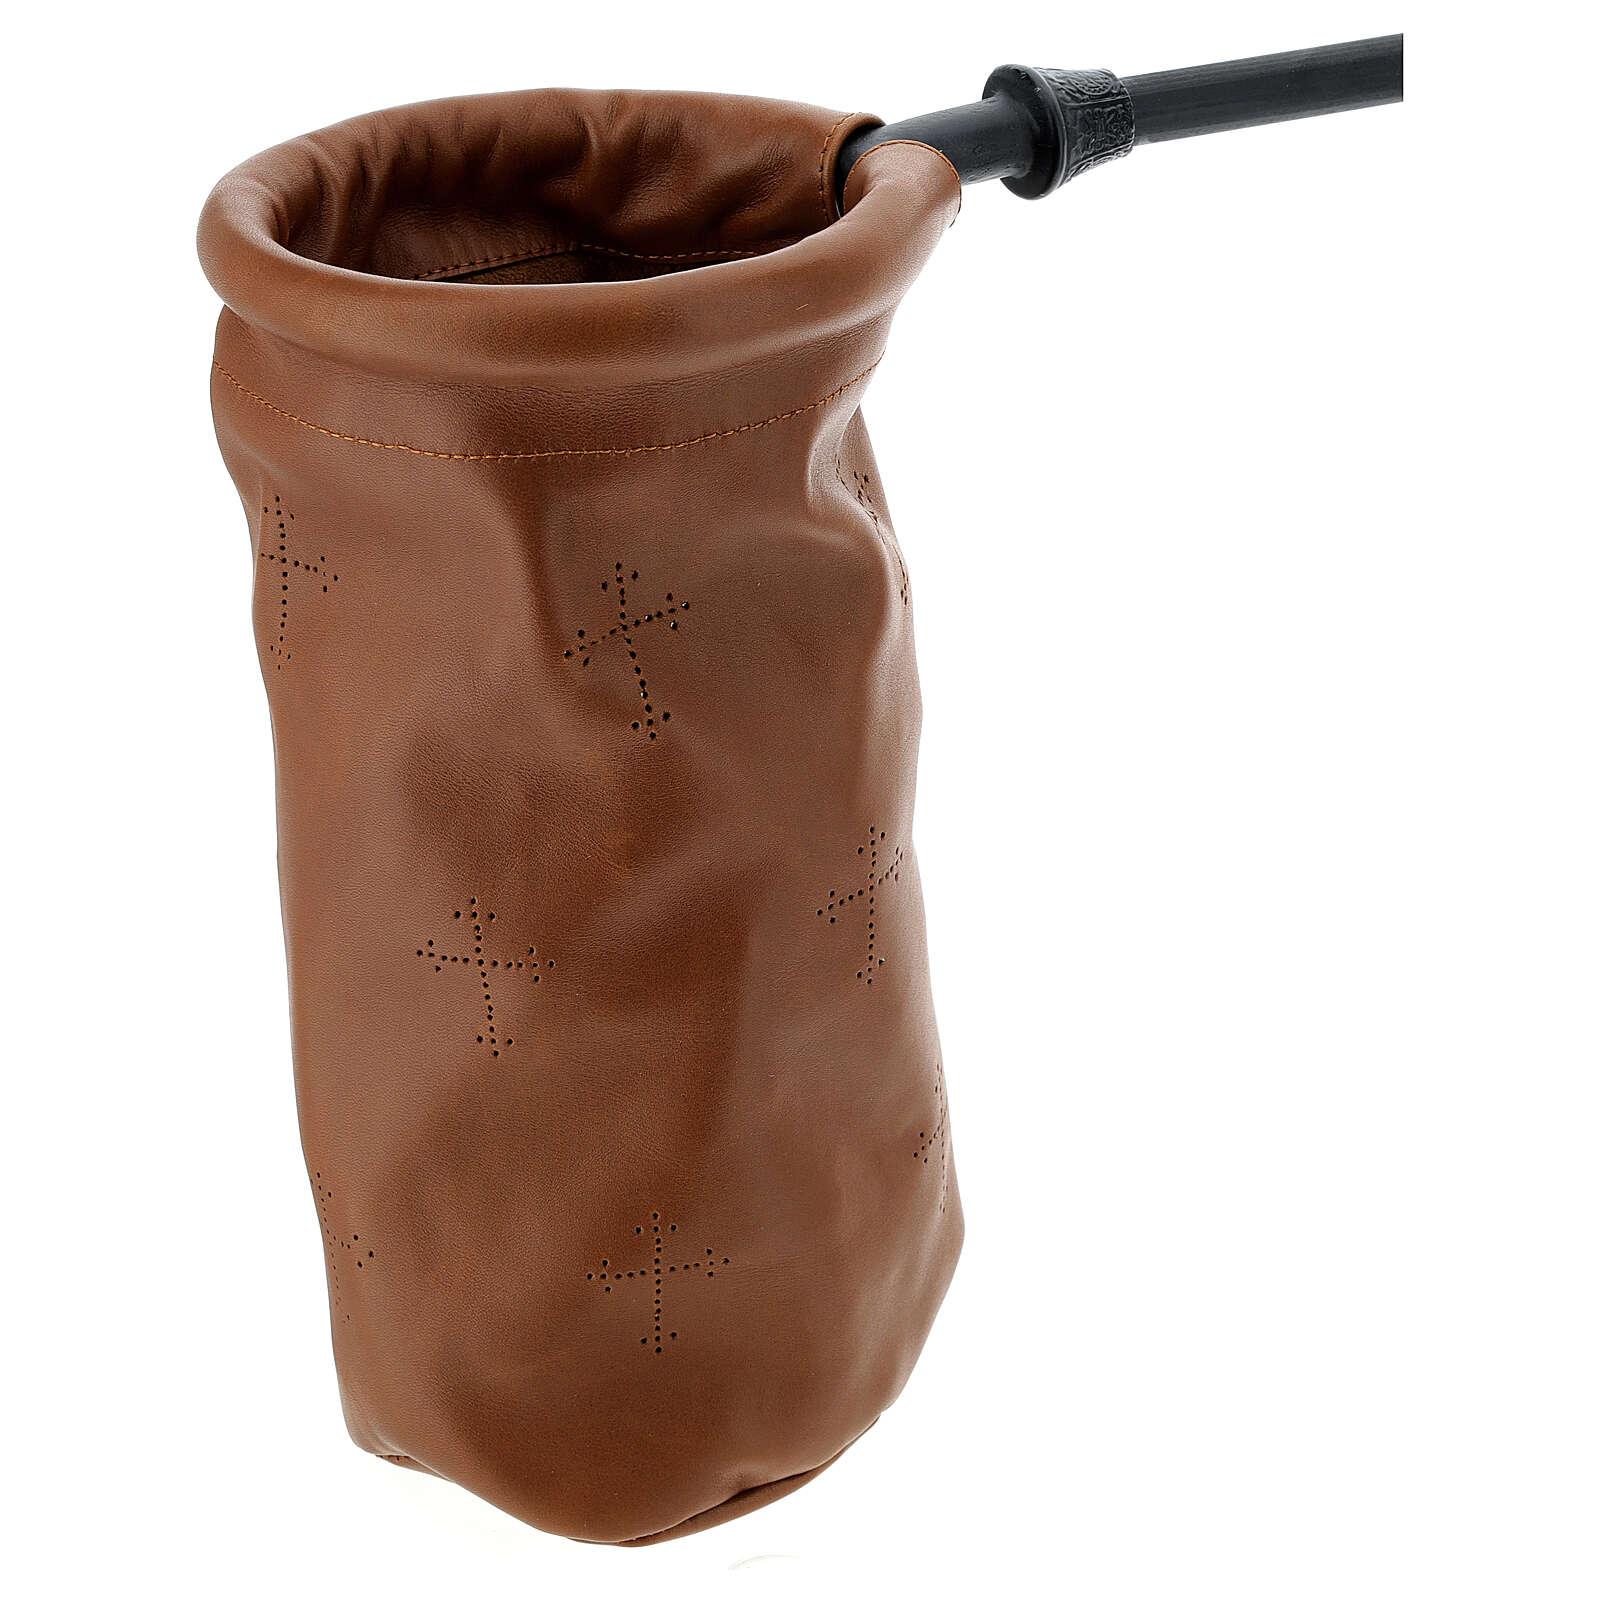 Sac pour offrandes en cuir marron 3